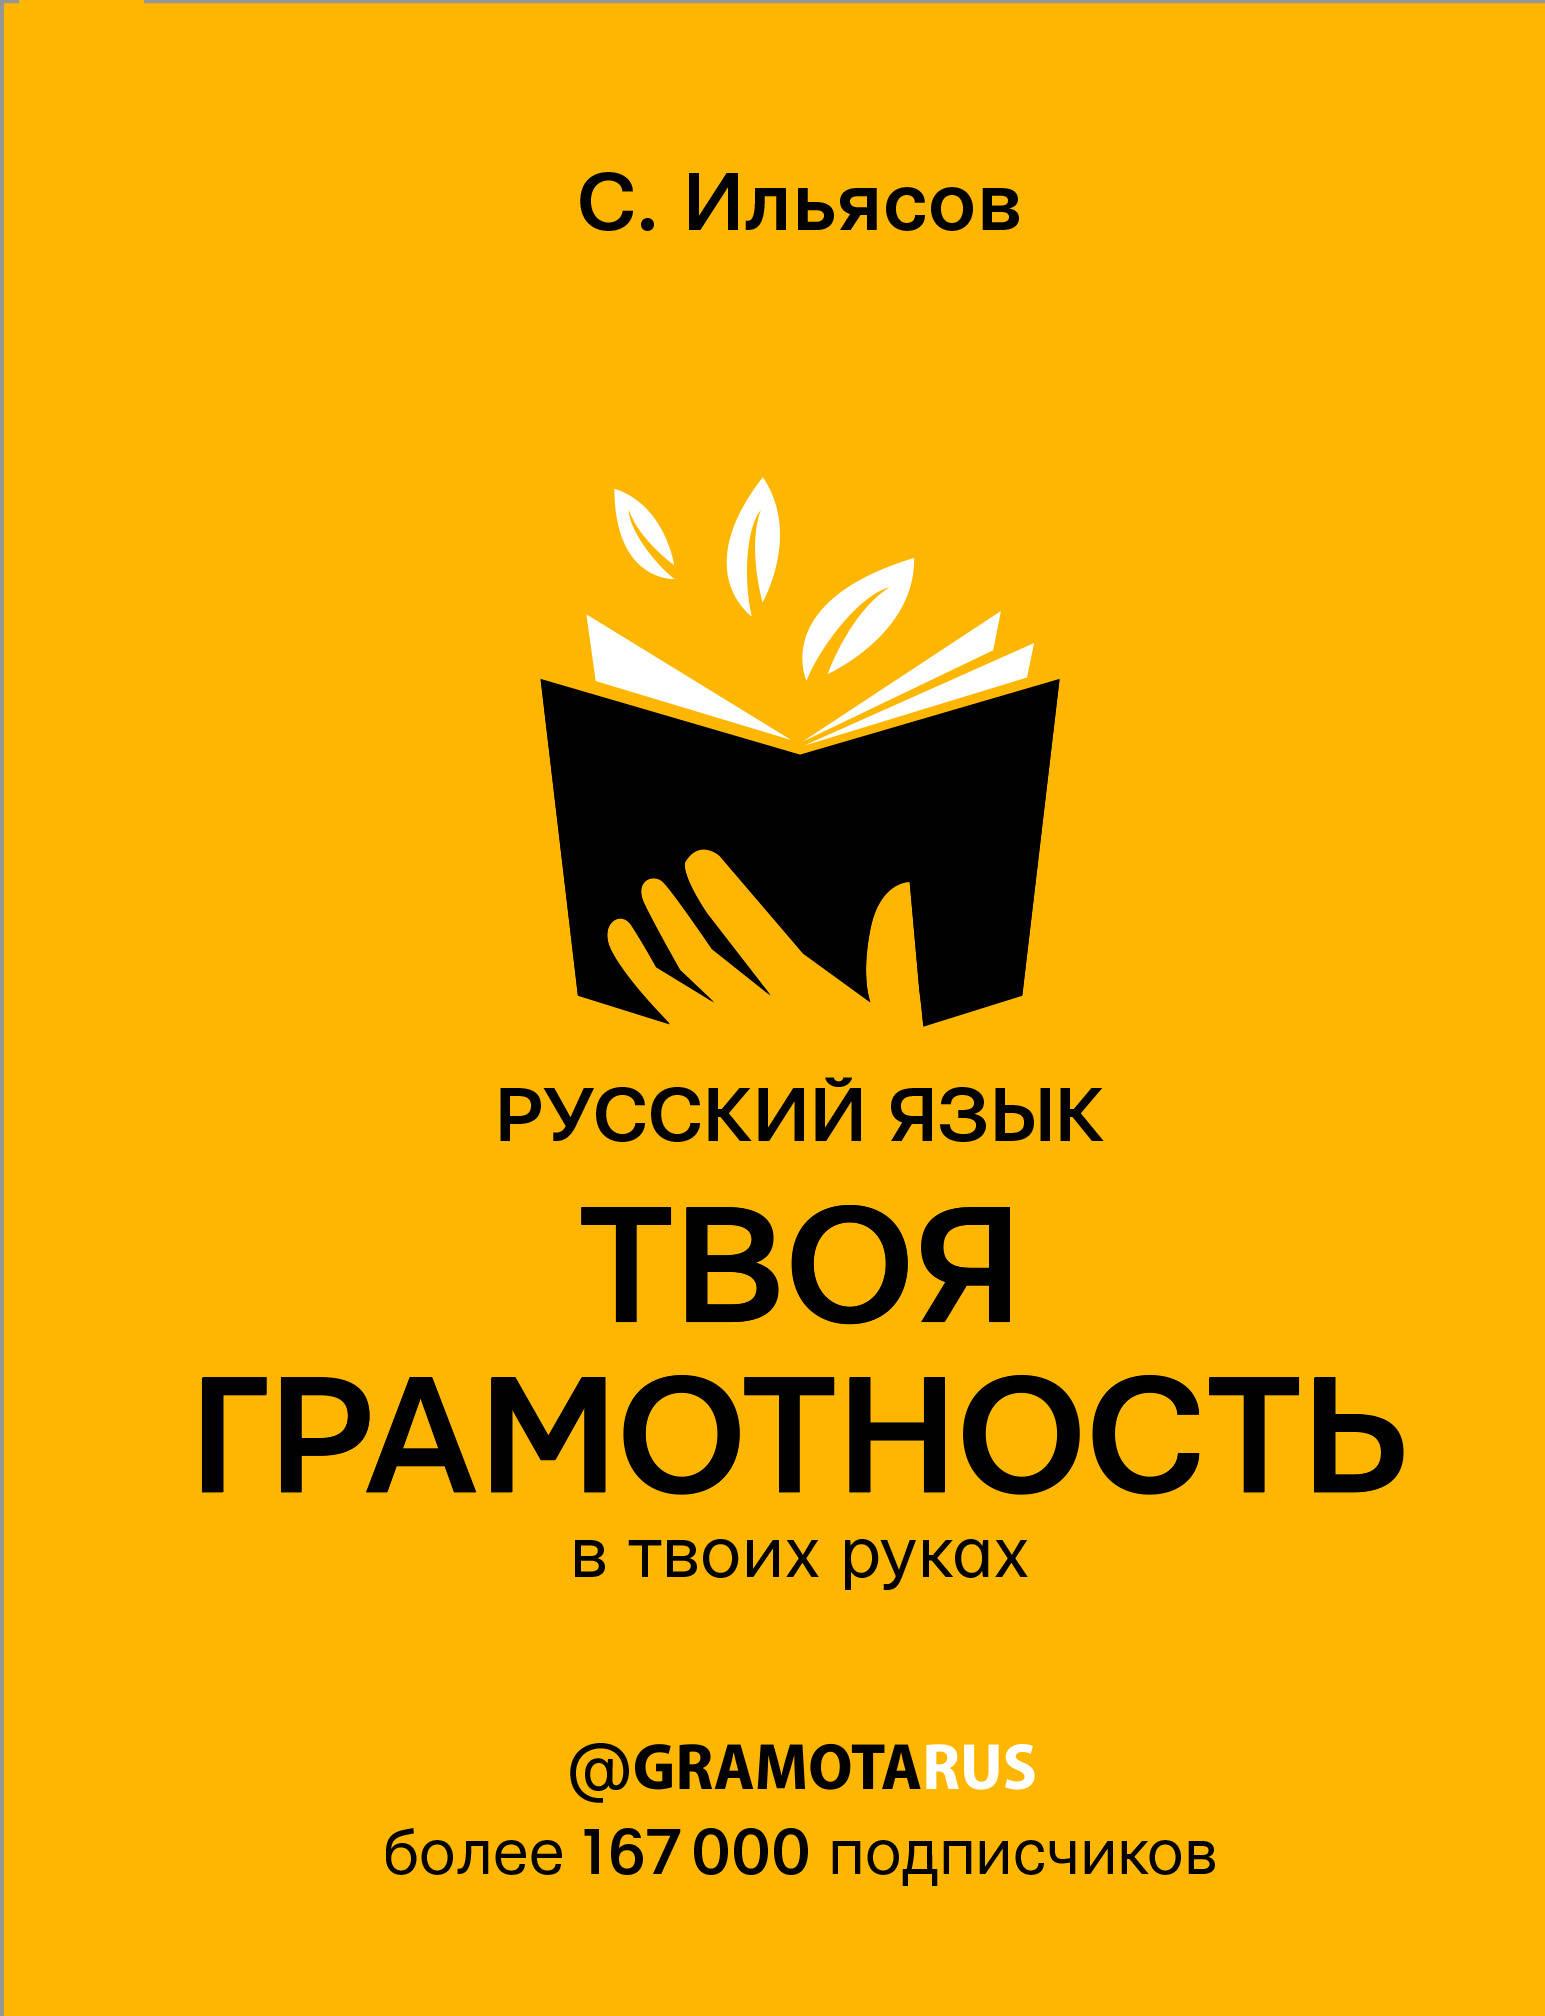 Russkij jazyk. Tvoja GRAMOTNOST v tvoikh rukakh ot @gramotarus